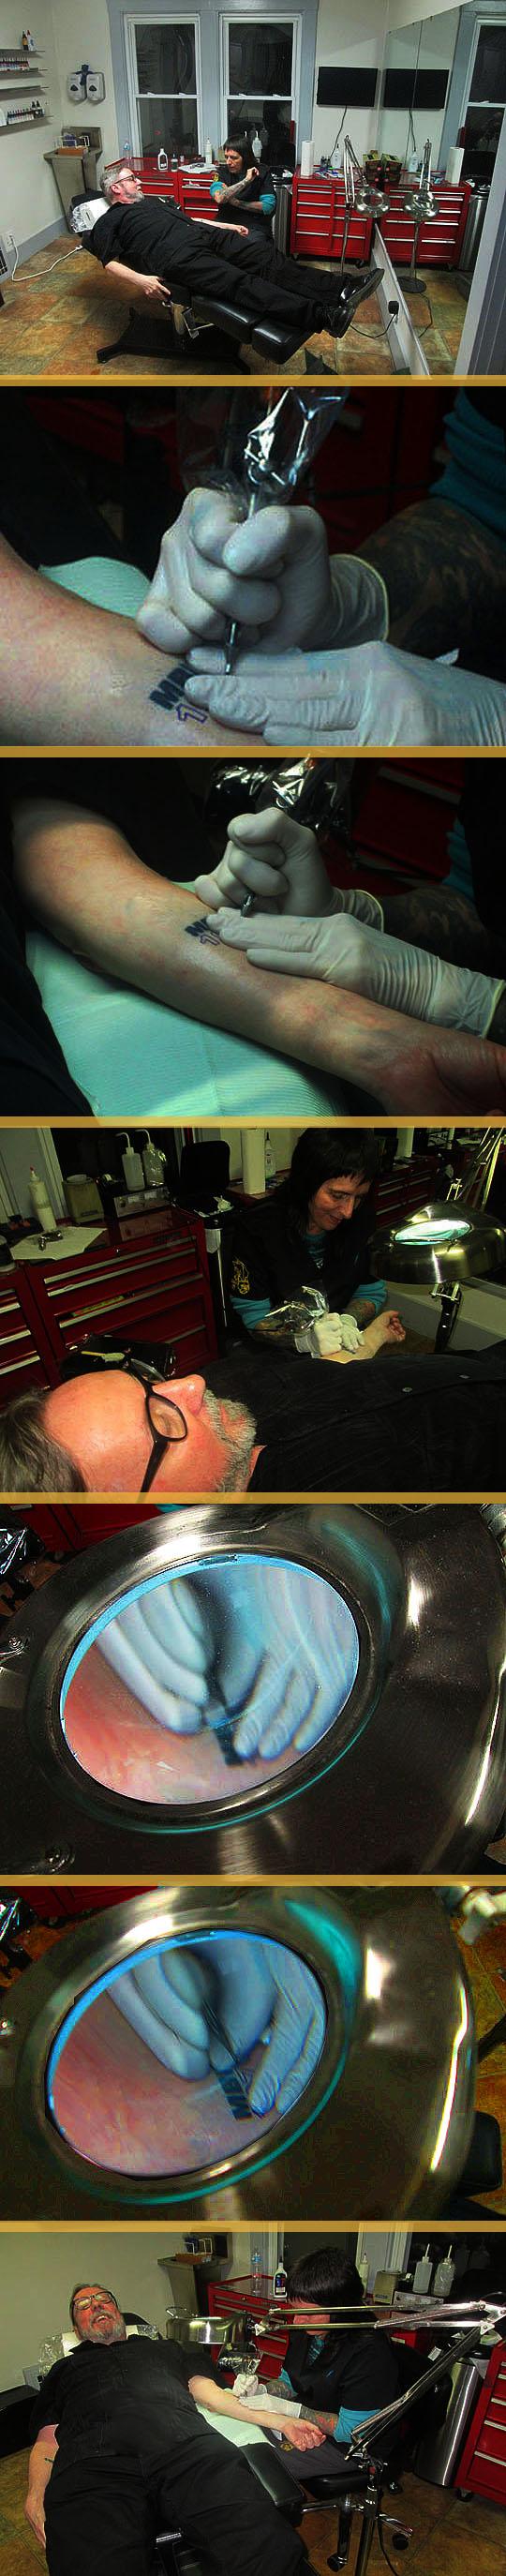 9. tattooing_dec13-17.jpg